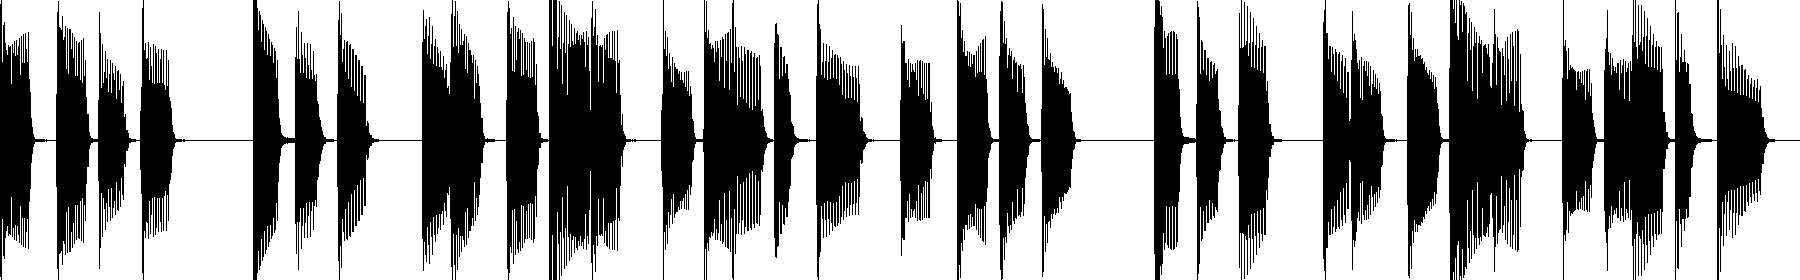 vedh melodyloop 030 gm9 124bpm